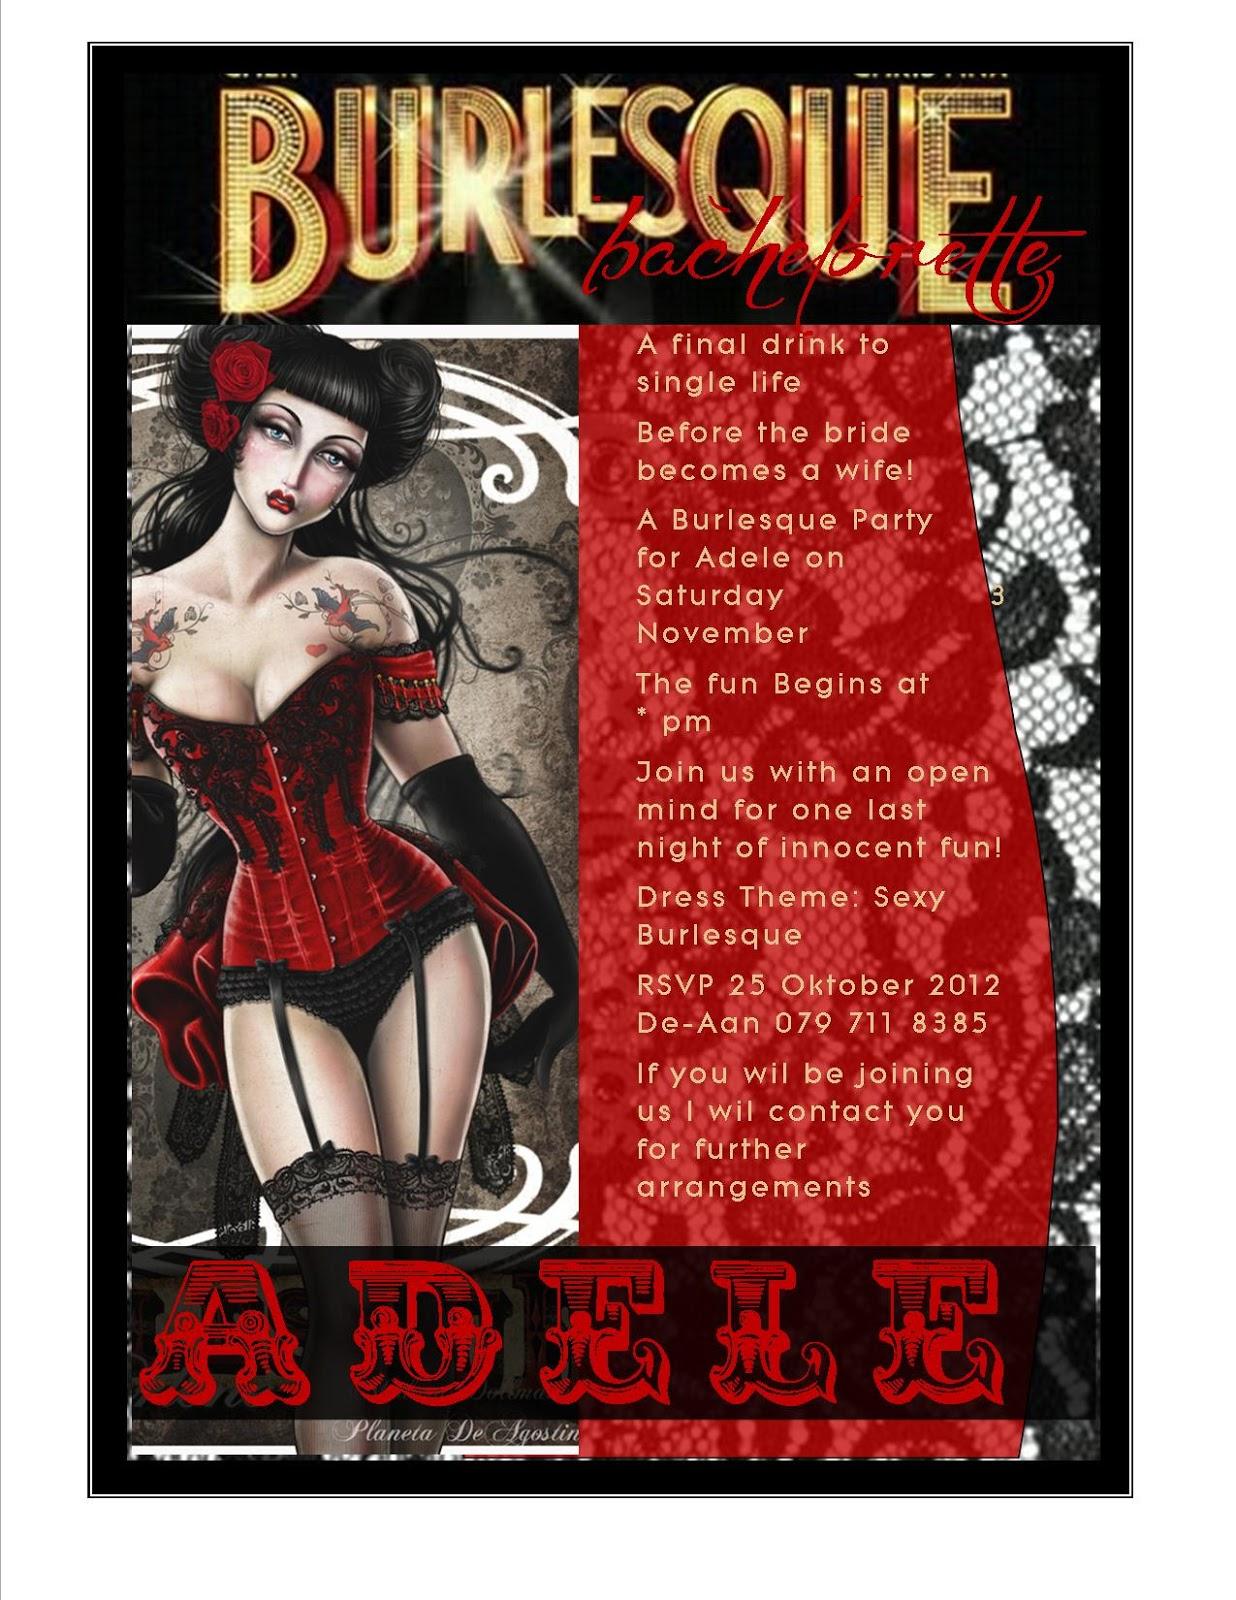 http://3.bp.blogspot.com/-rOvENVvMK00/USkWS6Oqa9I/AAAAAAAAAPU/vBeSS6fEfDE/s1600/Burlesque+bachelorette.jpg